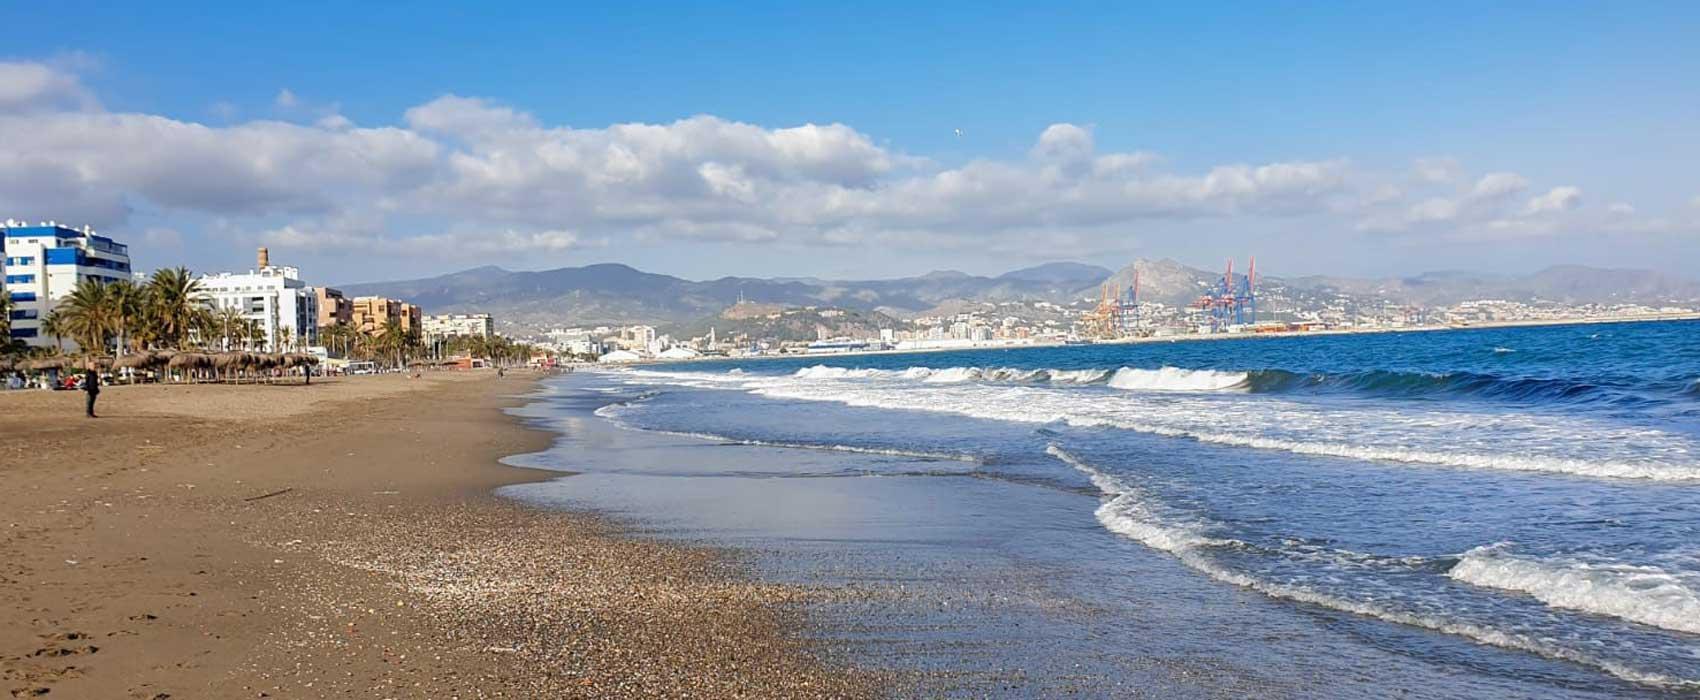 Malaga Spanien Eine Reise Nach Andalusien